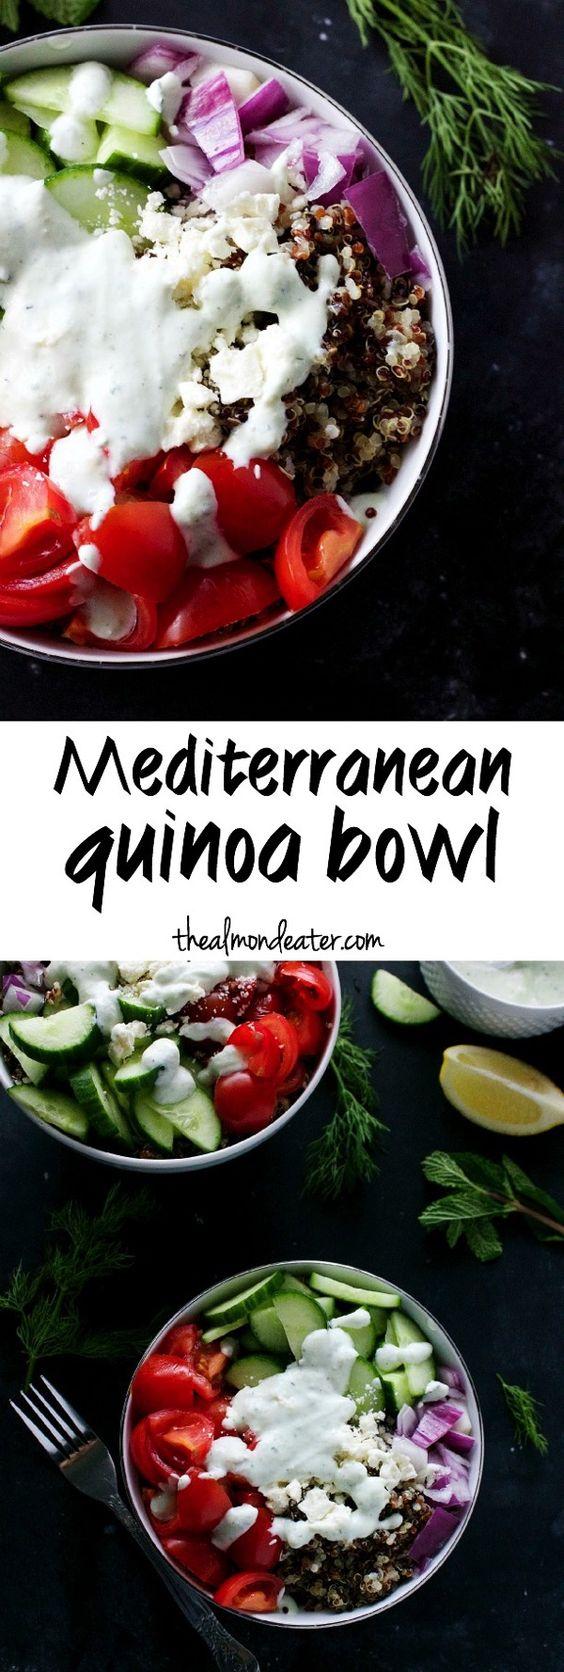 Tzatziki, Tzatziki sauce and Quinoa